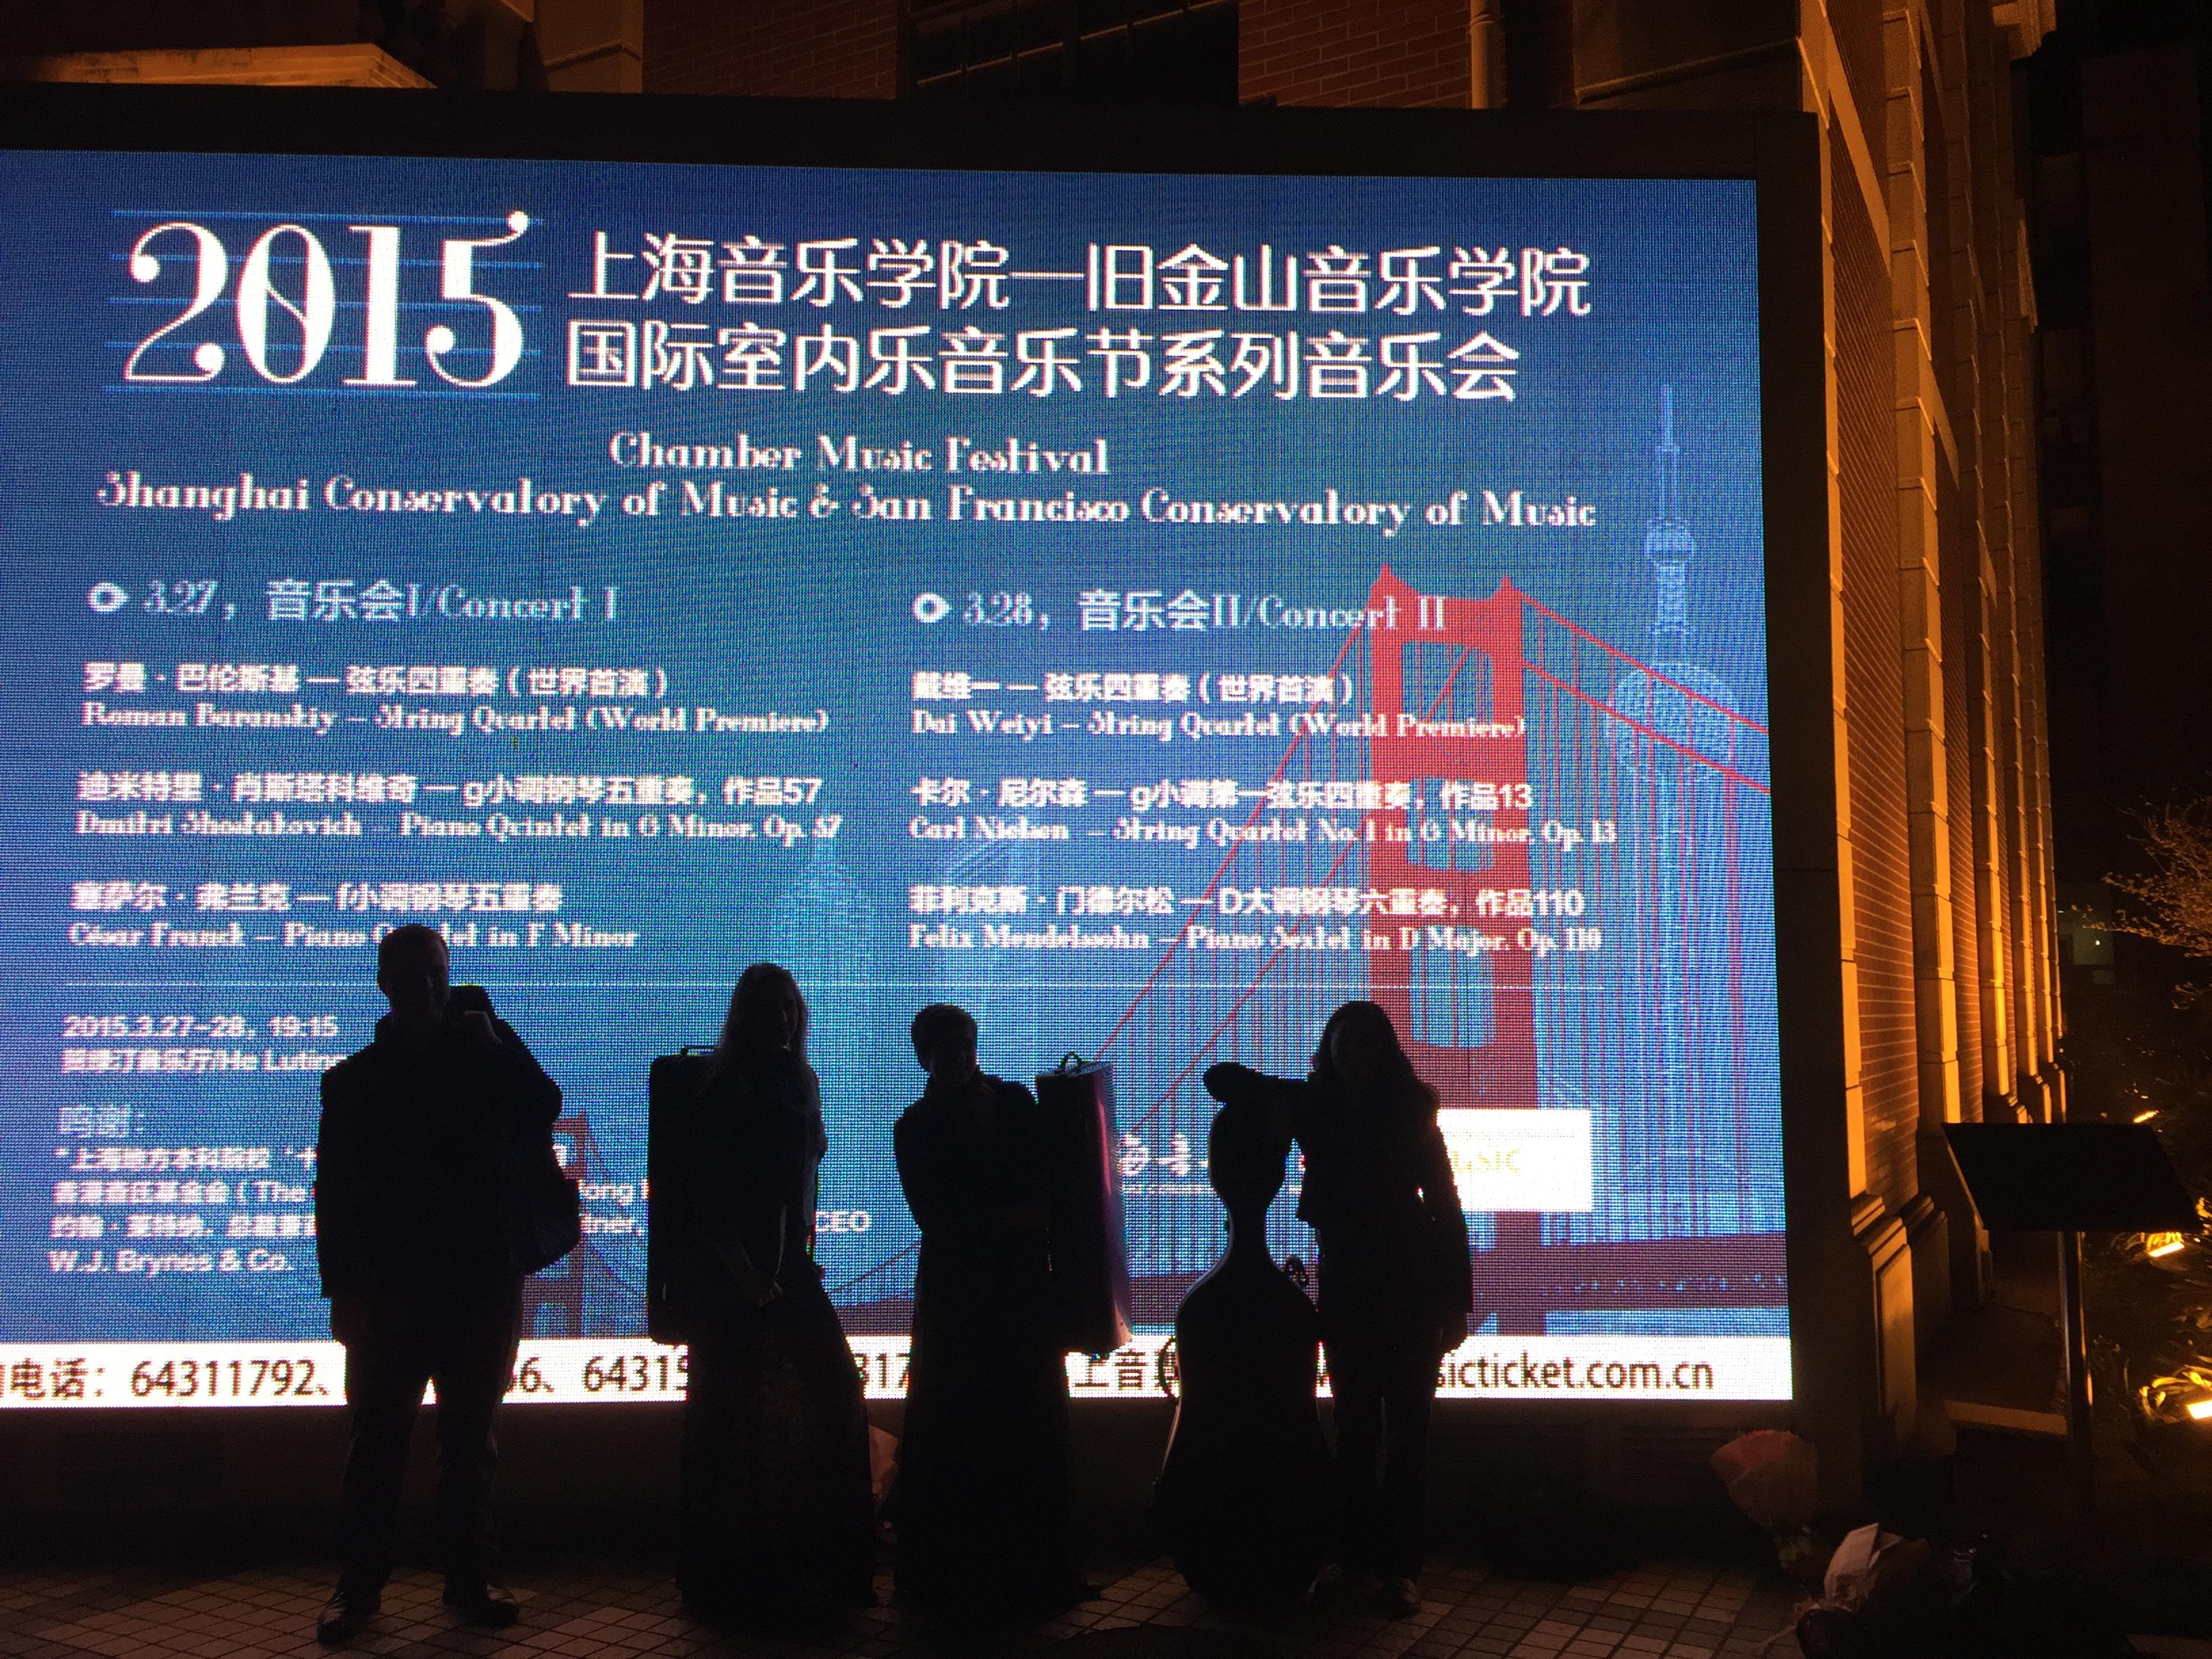 Shanghai-SFCM Chamber Music Festival